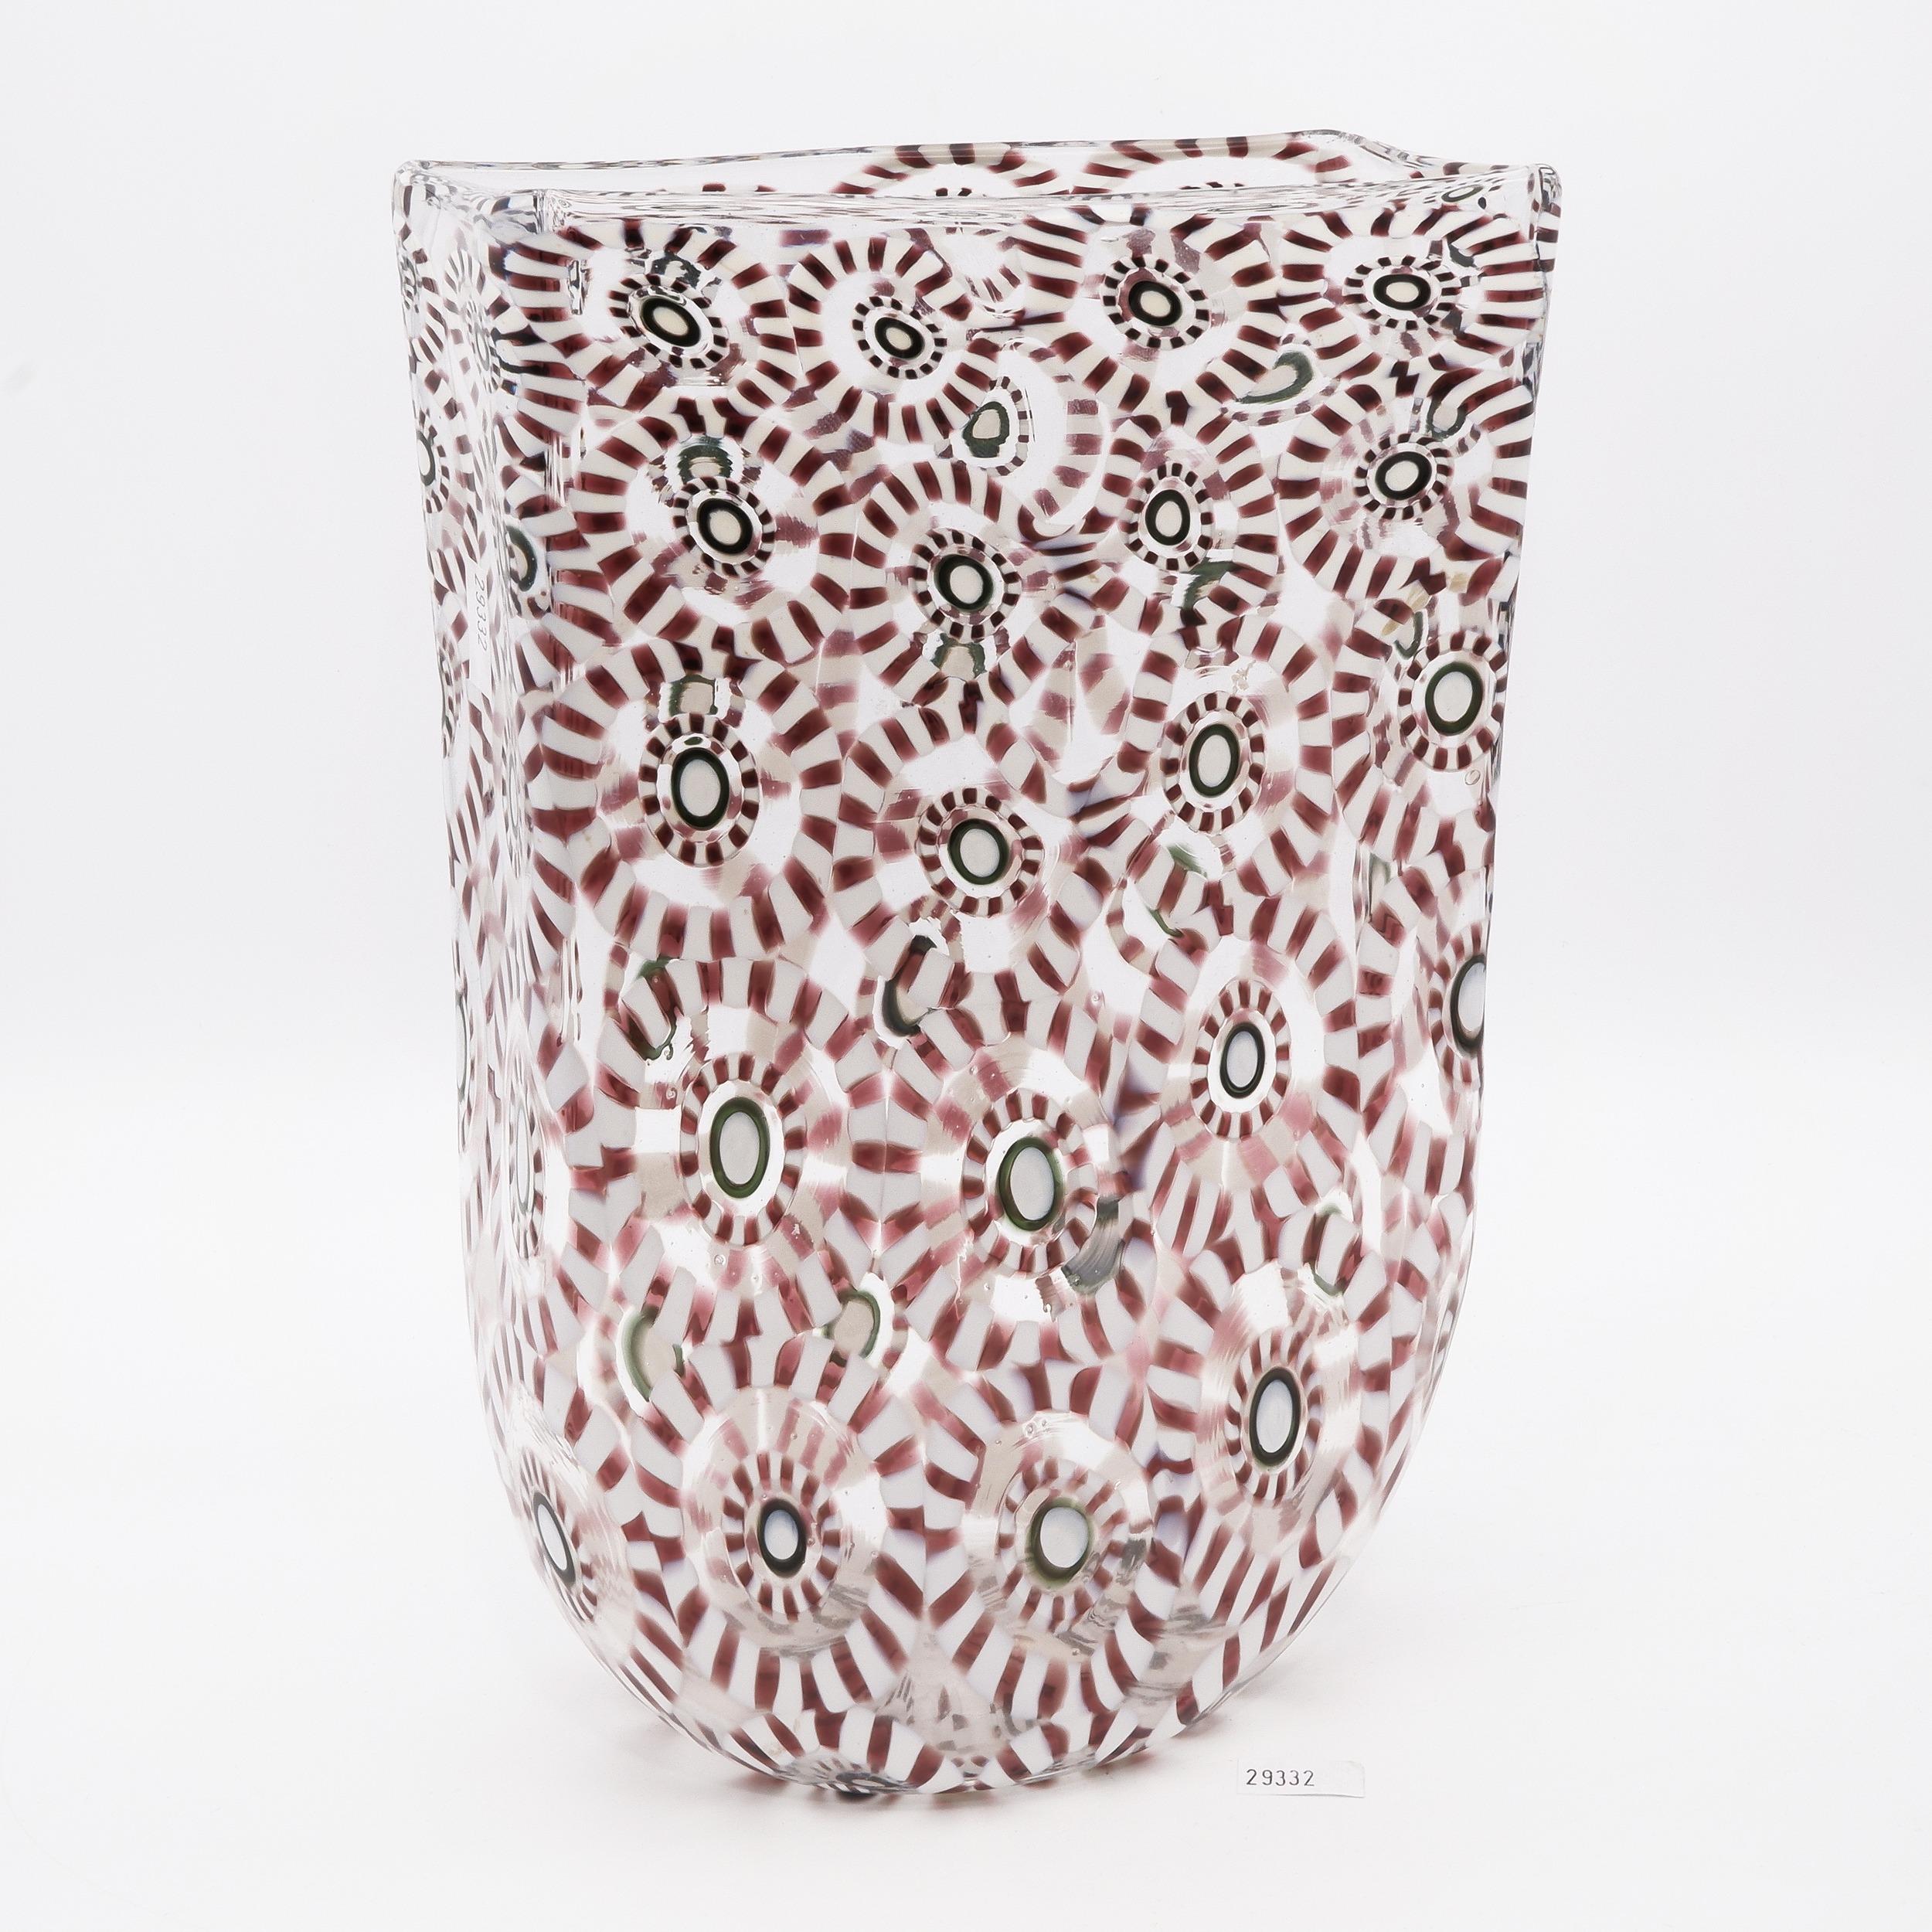 'Italian Murano Glass Fused Murrine Vase'